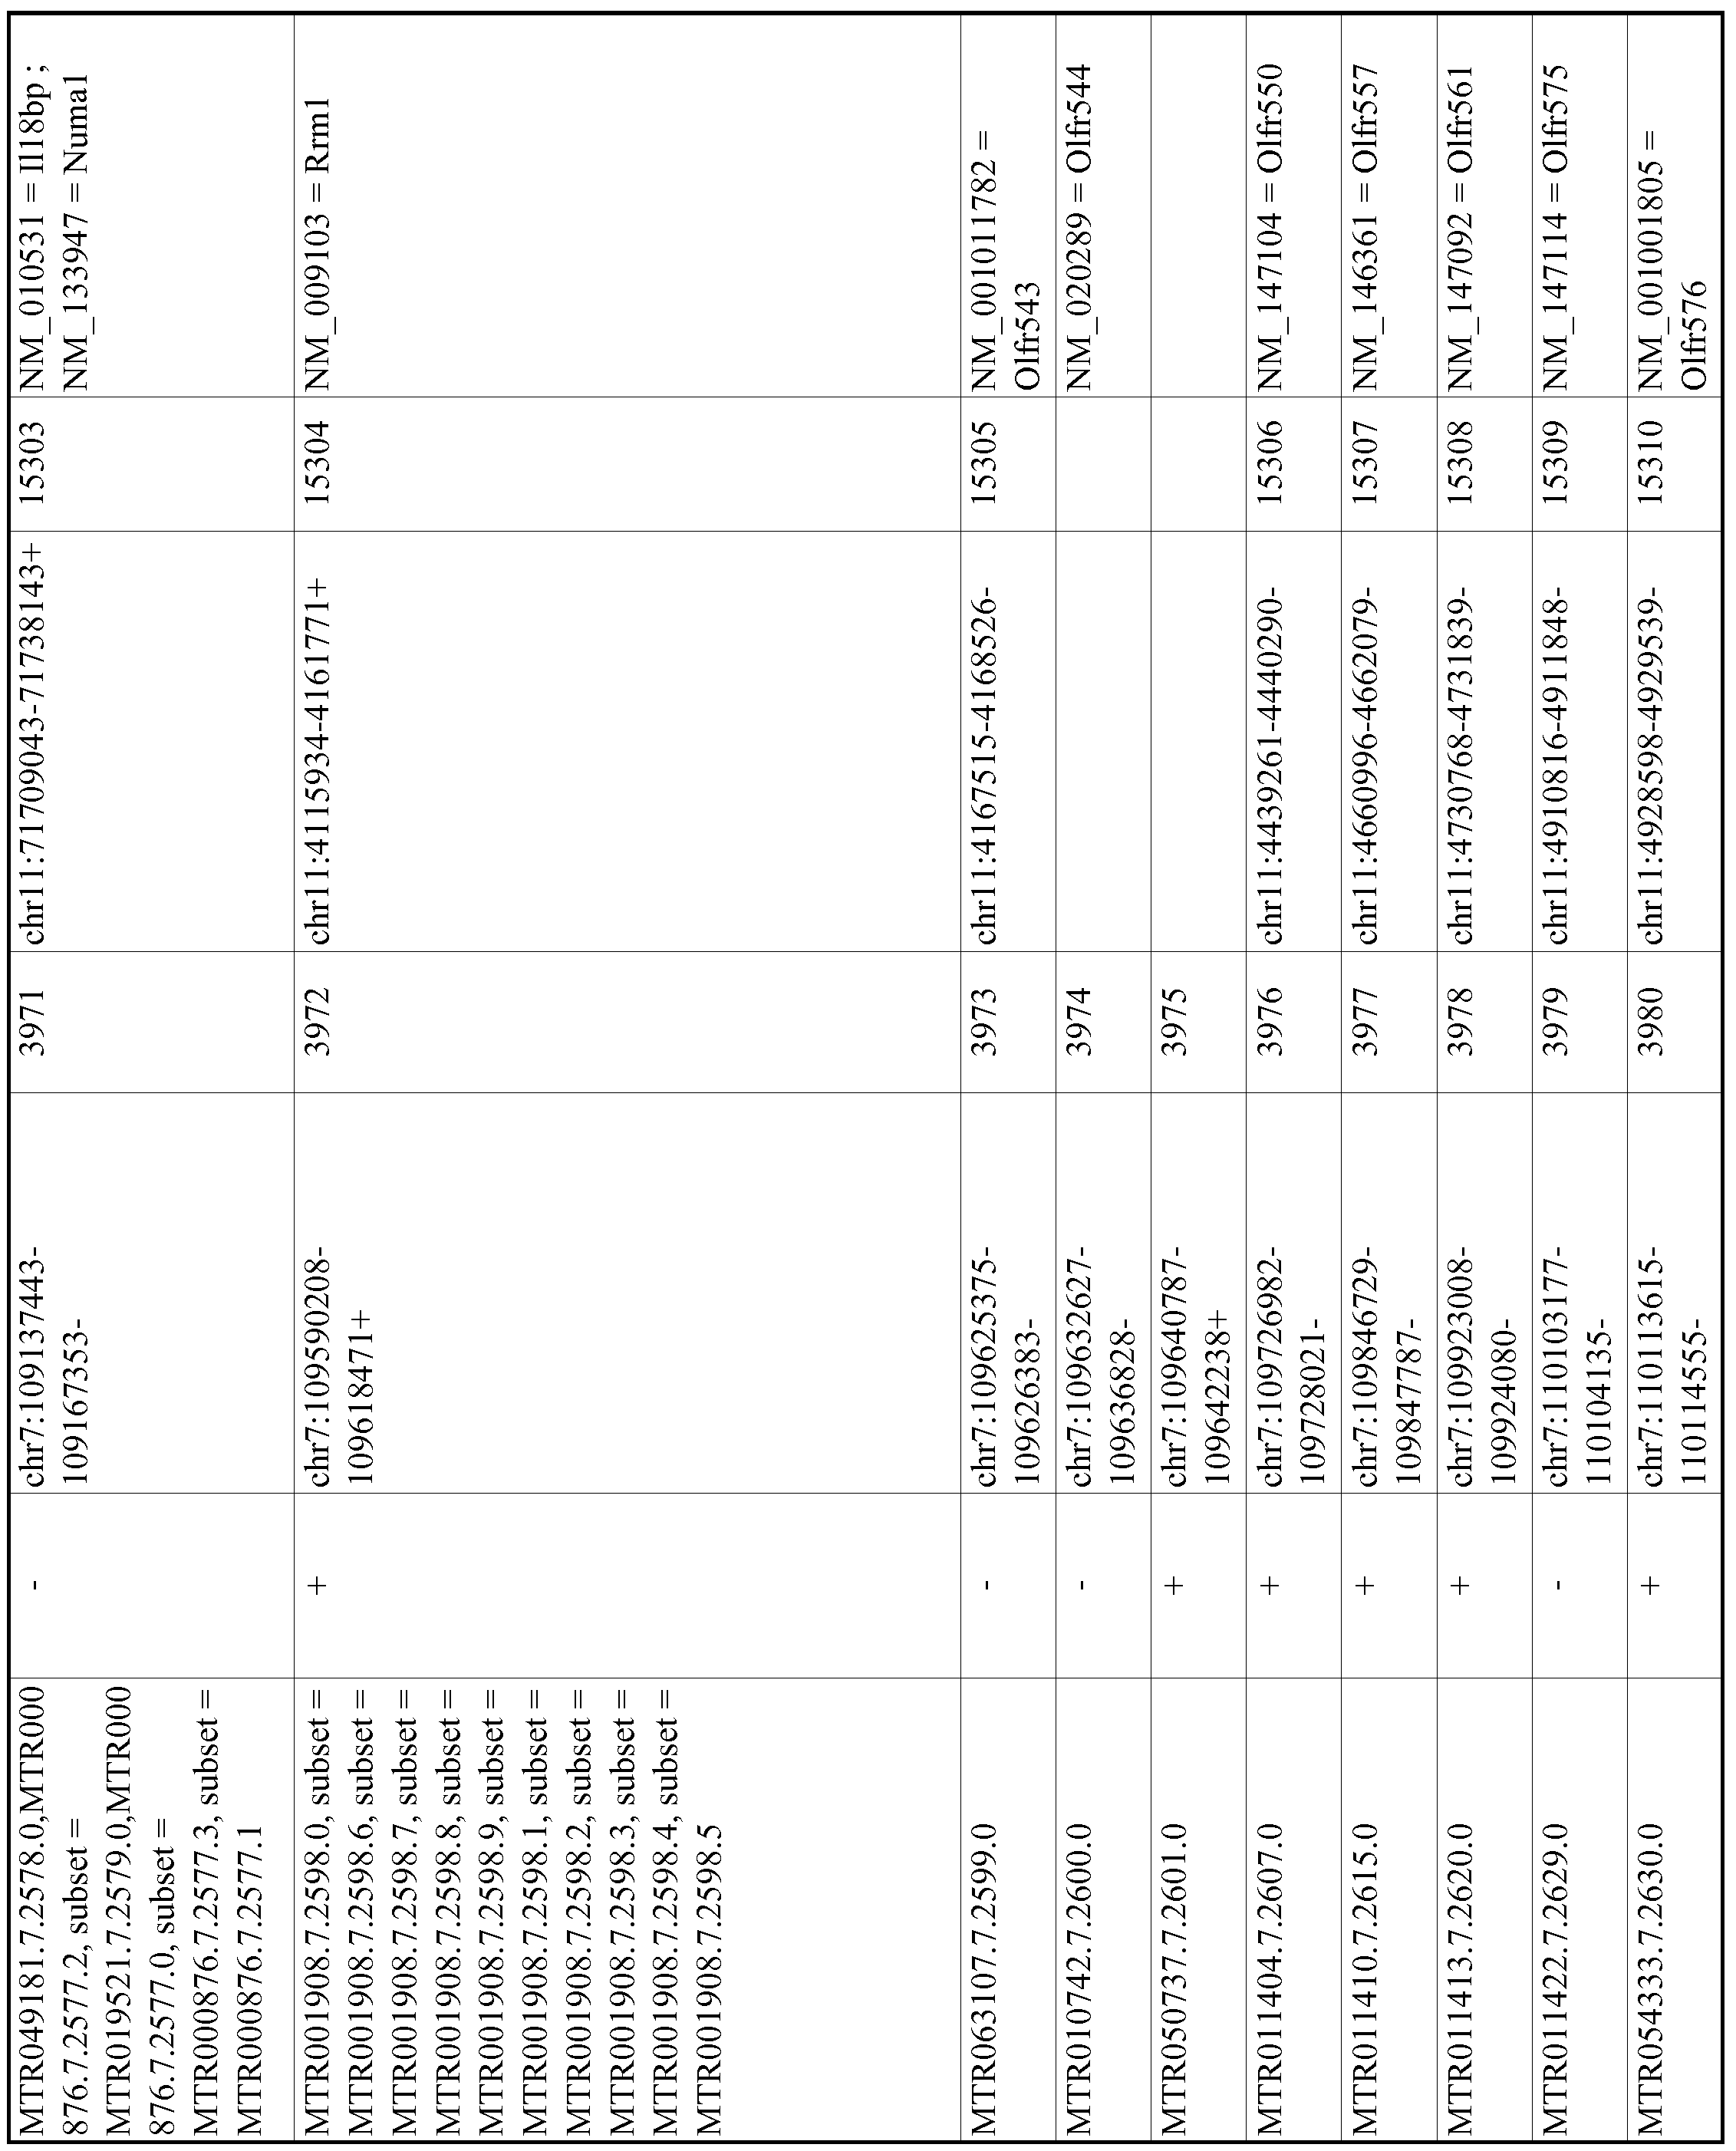 Figure imgf000759_0001